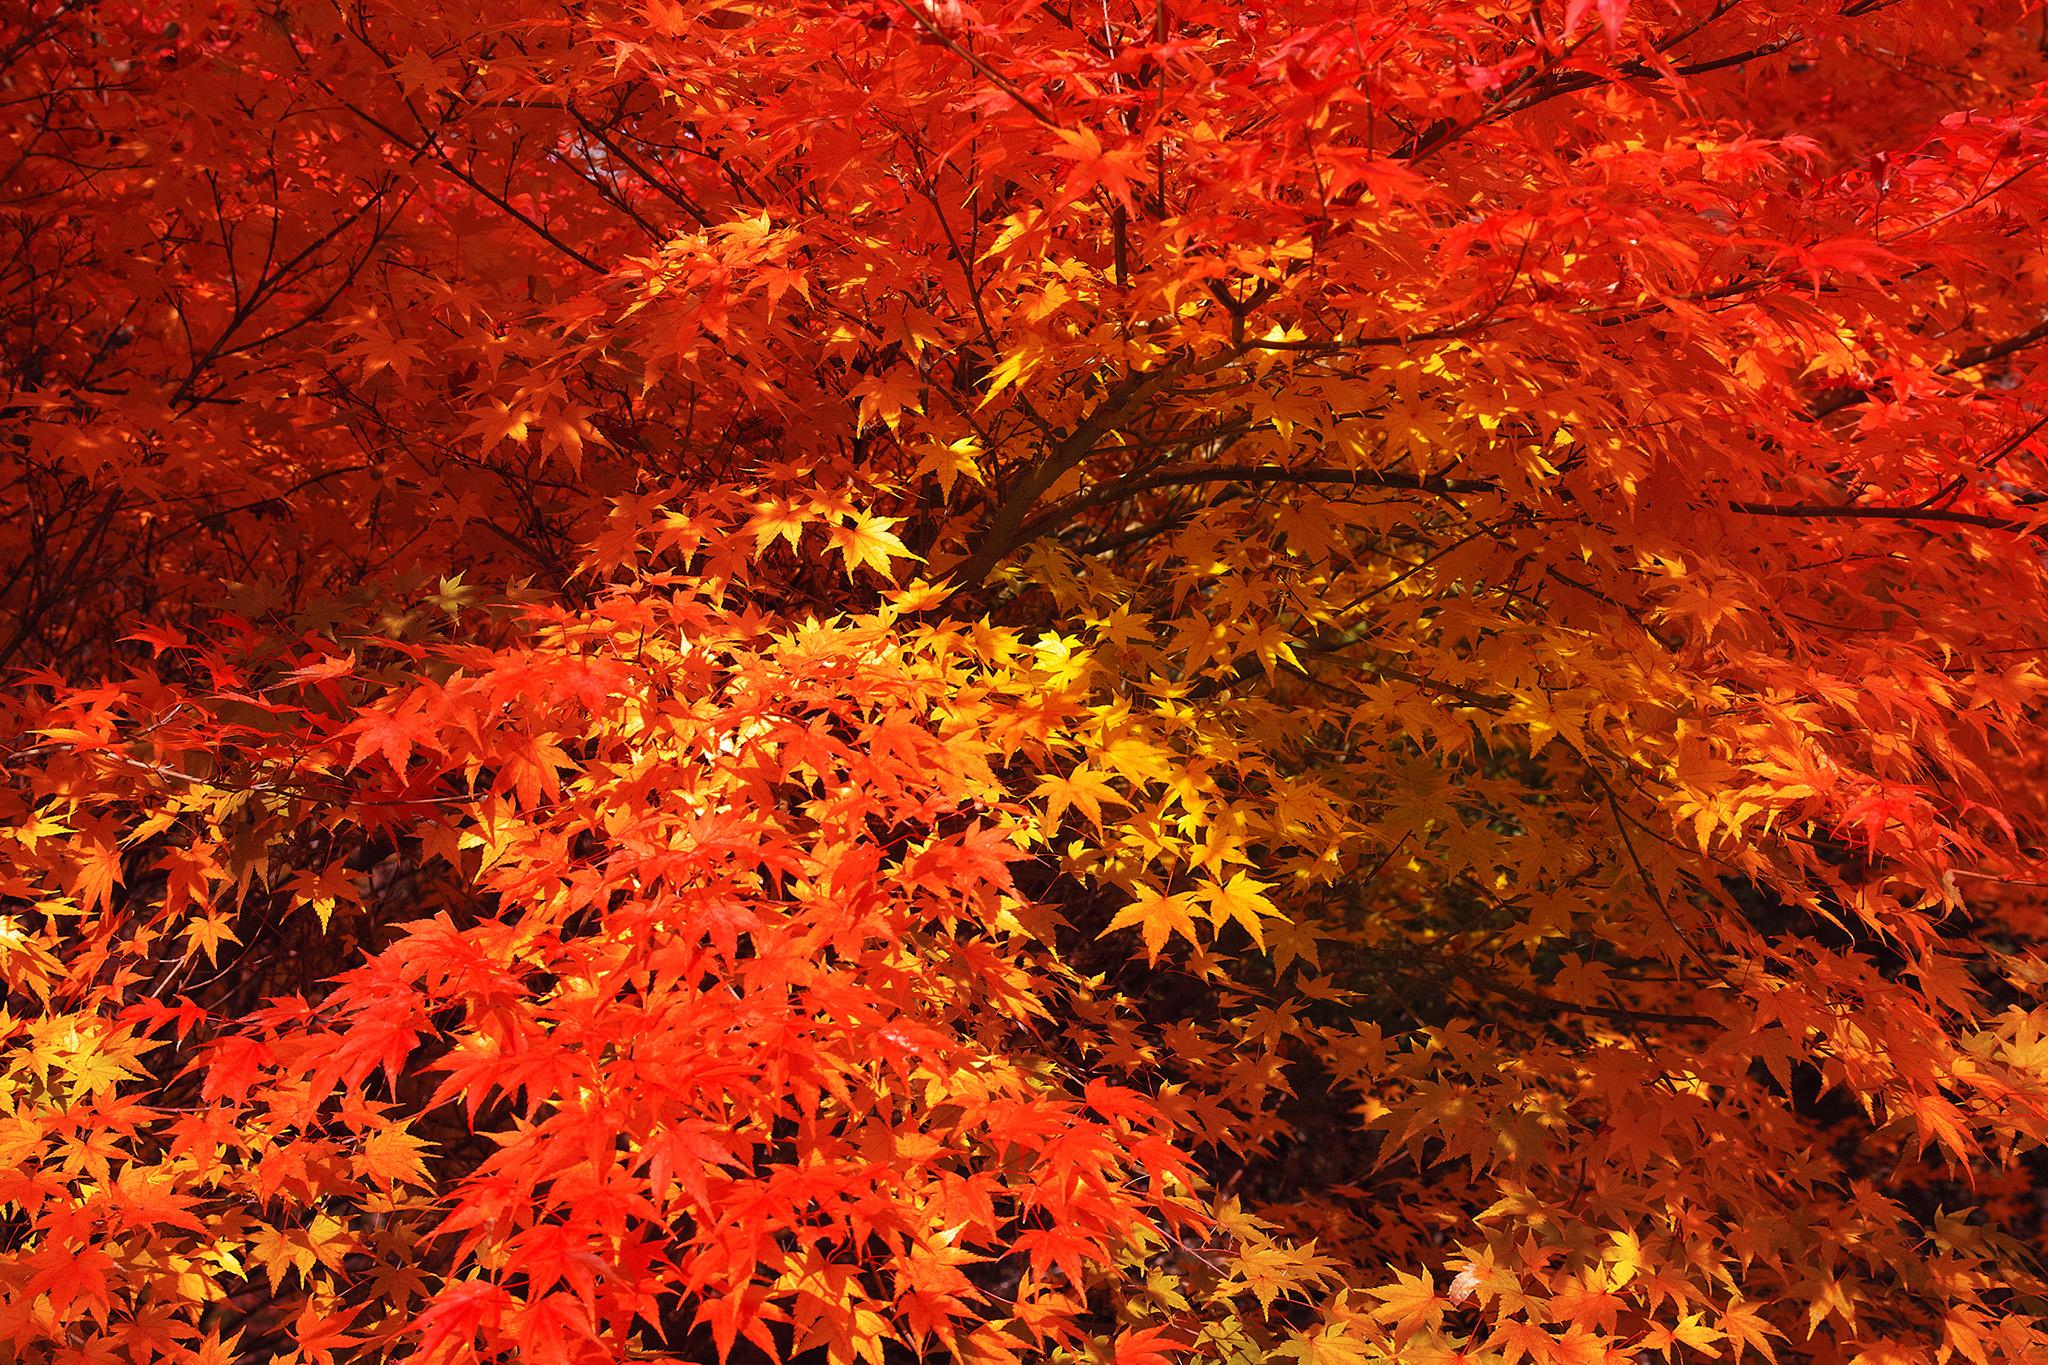 「美しい紅葉と黄葉の背景」